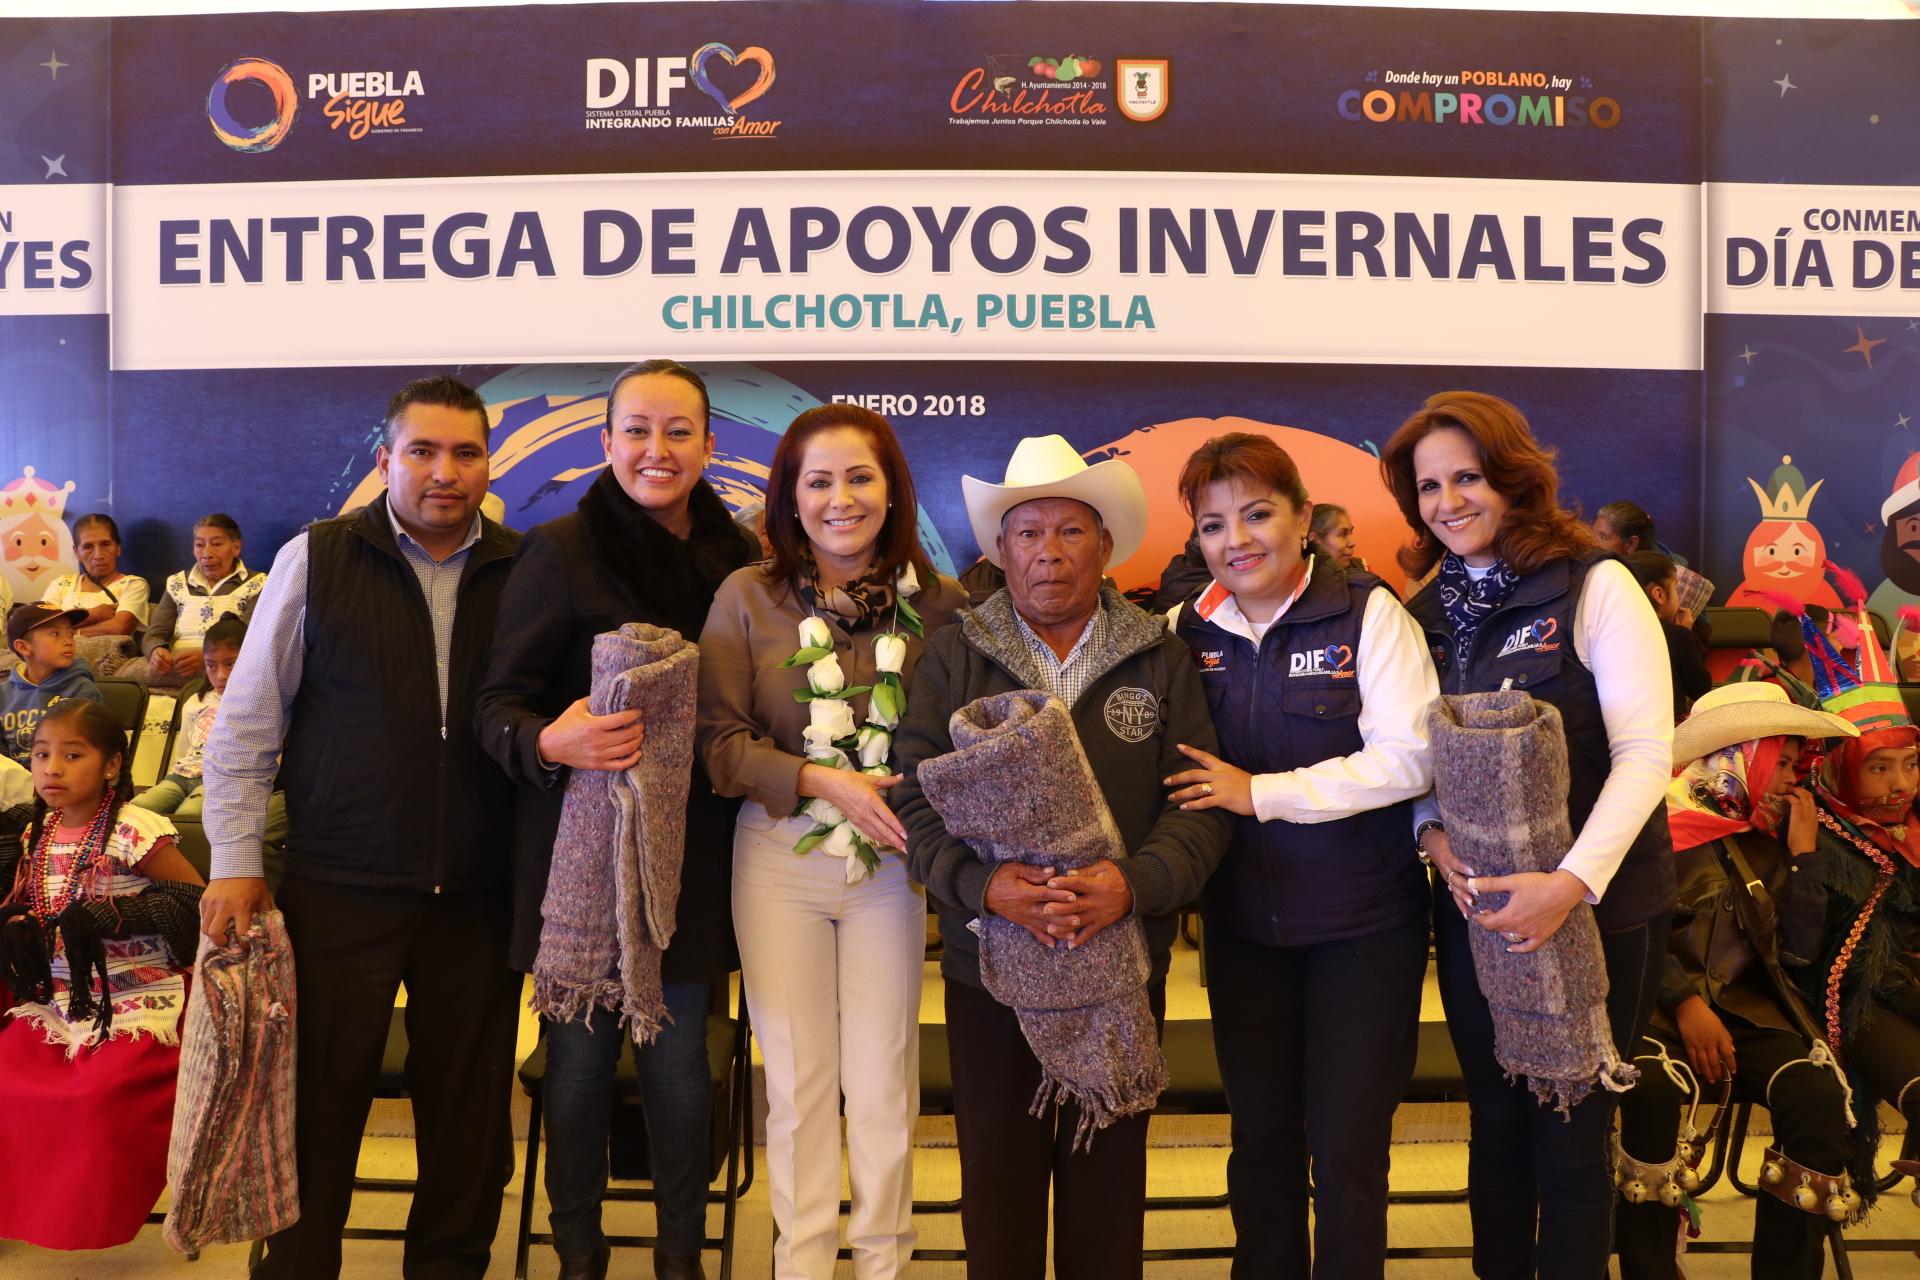 Dinorah López de Gali entrega  apoyos invernales en Chilchotla